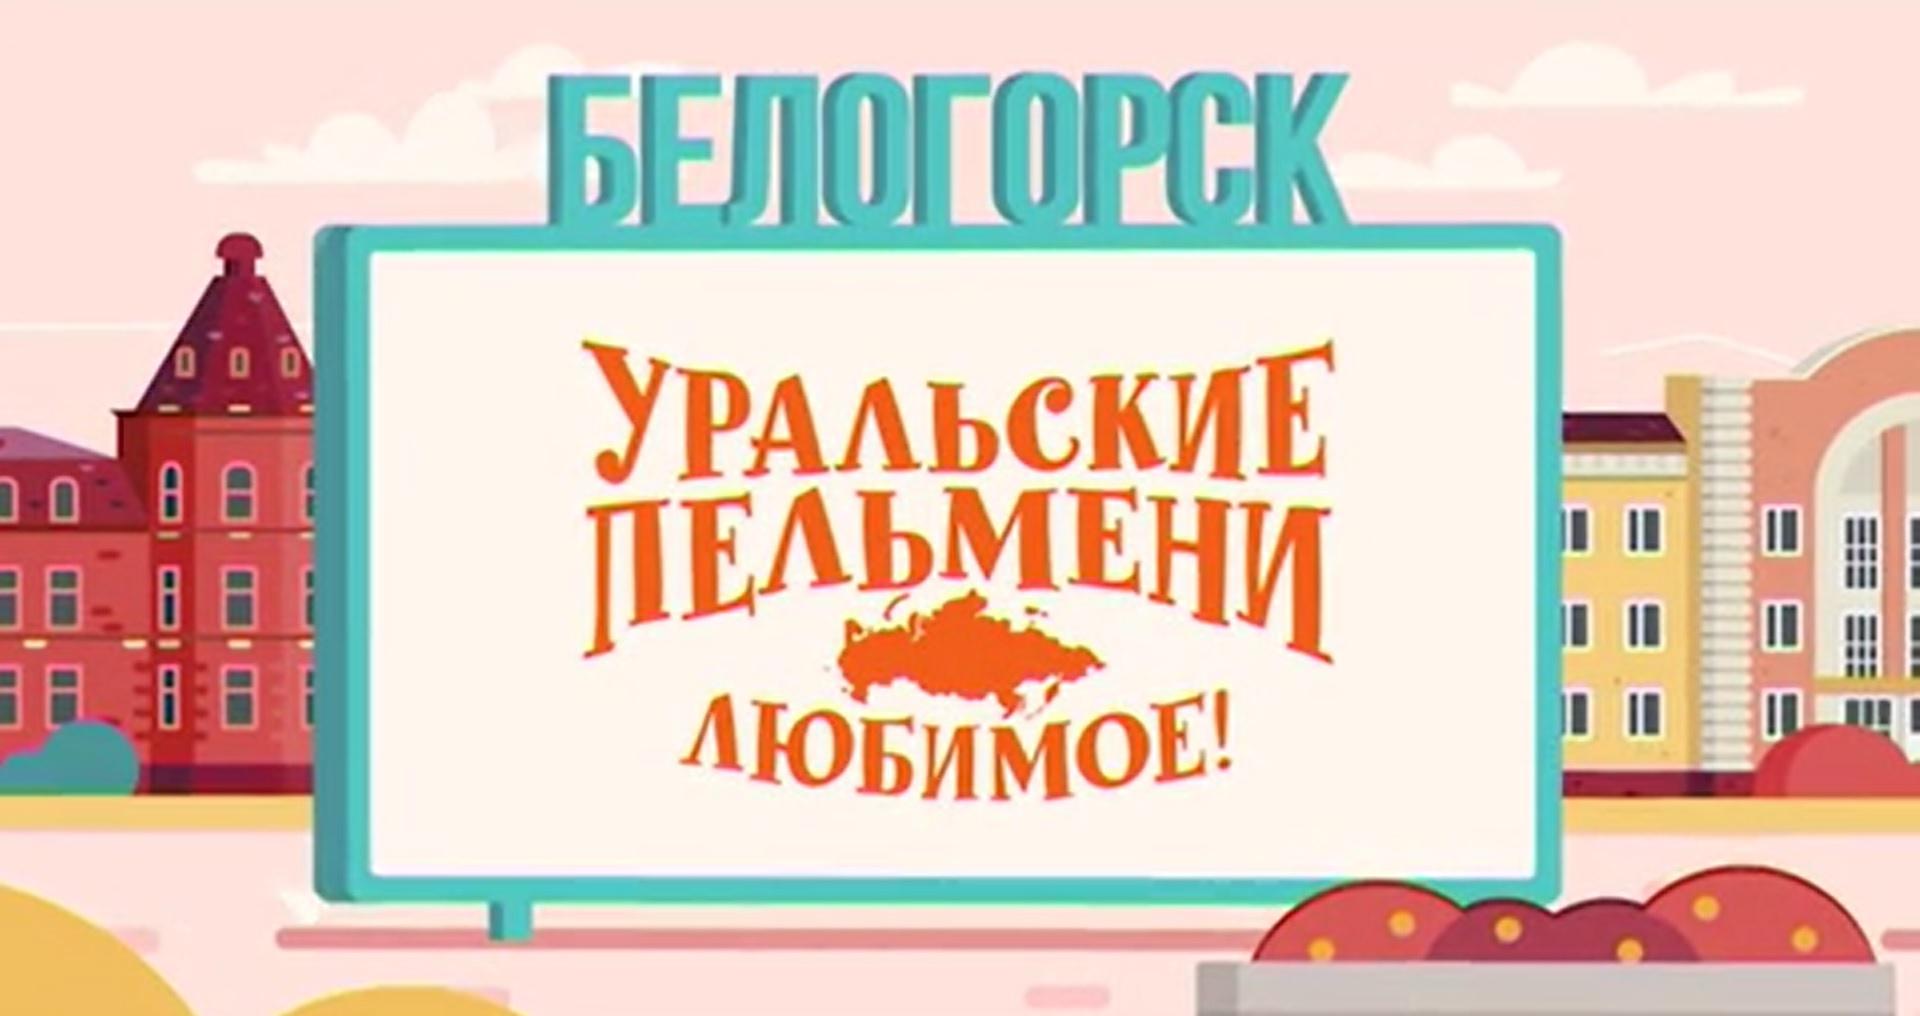 Творческий коллектив Уральские Пельмени Уральские пельмени. Любимое. Белогорск творческий коллектив уральские пельмени уральские пельмени любимое тольятти